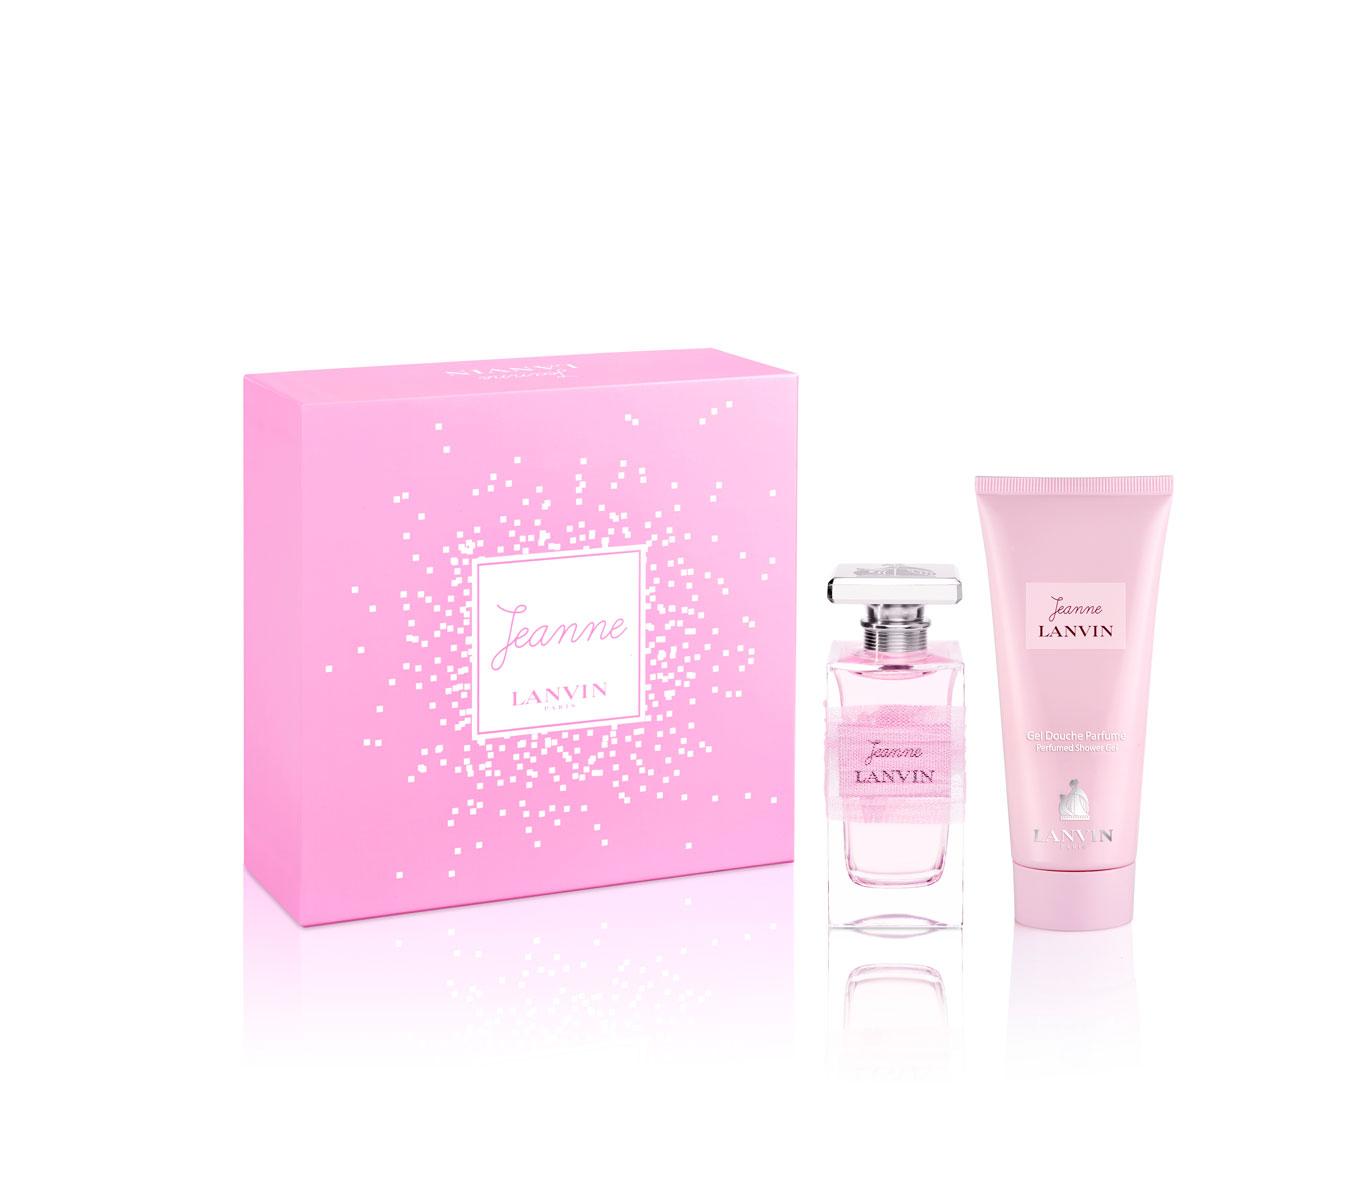 Lanvin Jeanne Woman Подарочный набор: парфюмированная вода + лосьон для тела 100 мл11214Цветочные, фруктовые. Амбра, мускус, сандаловое дерево, малина, пион, фрезия, груша, ежевика, цитрусы.